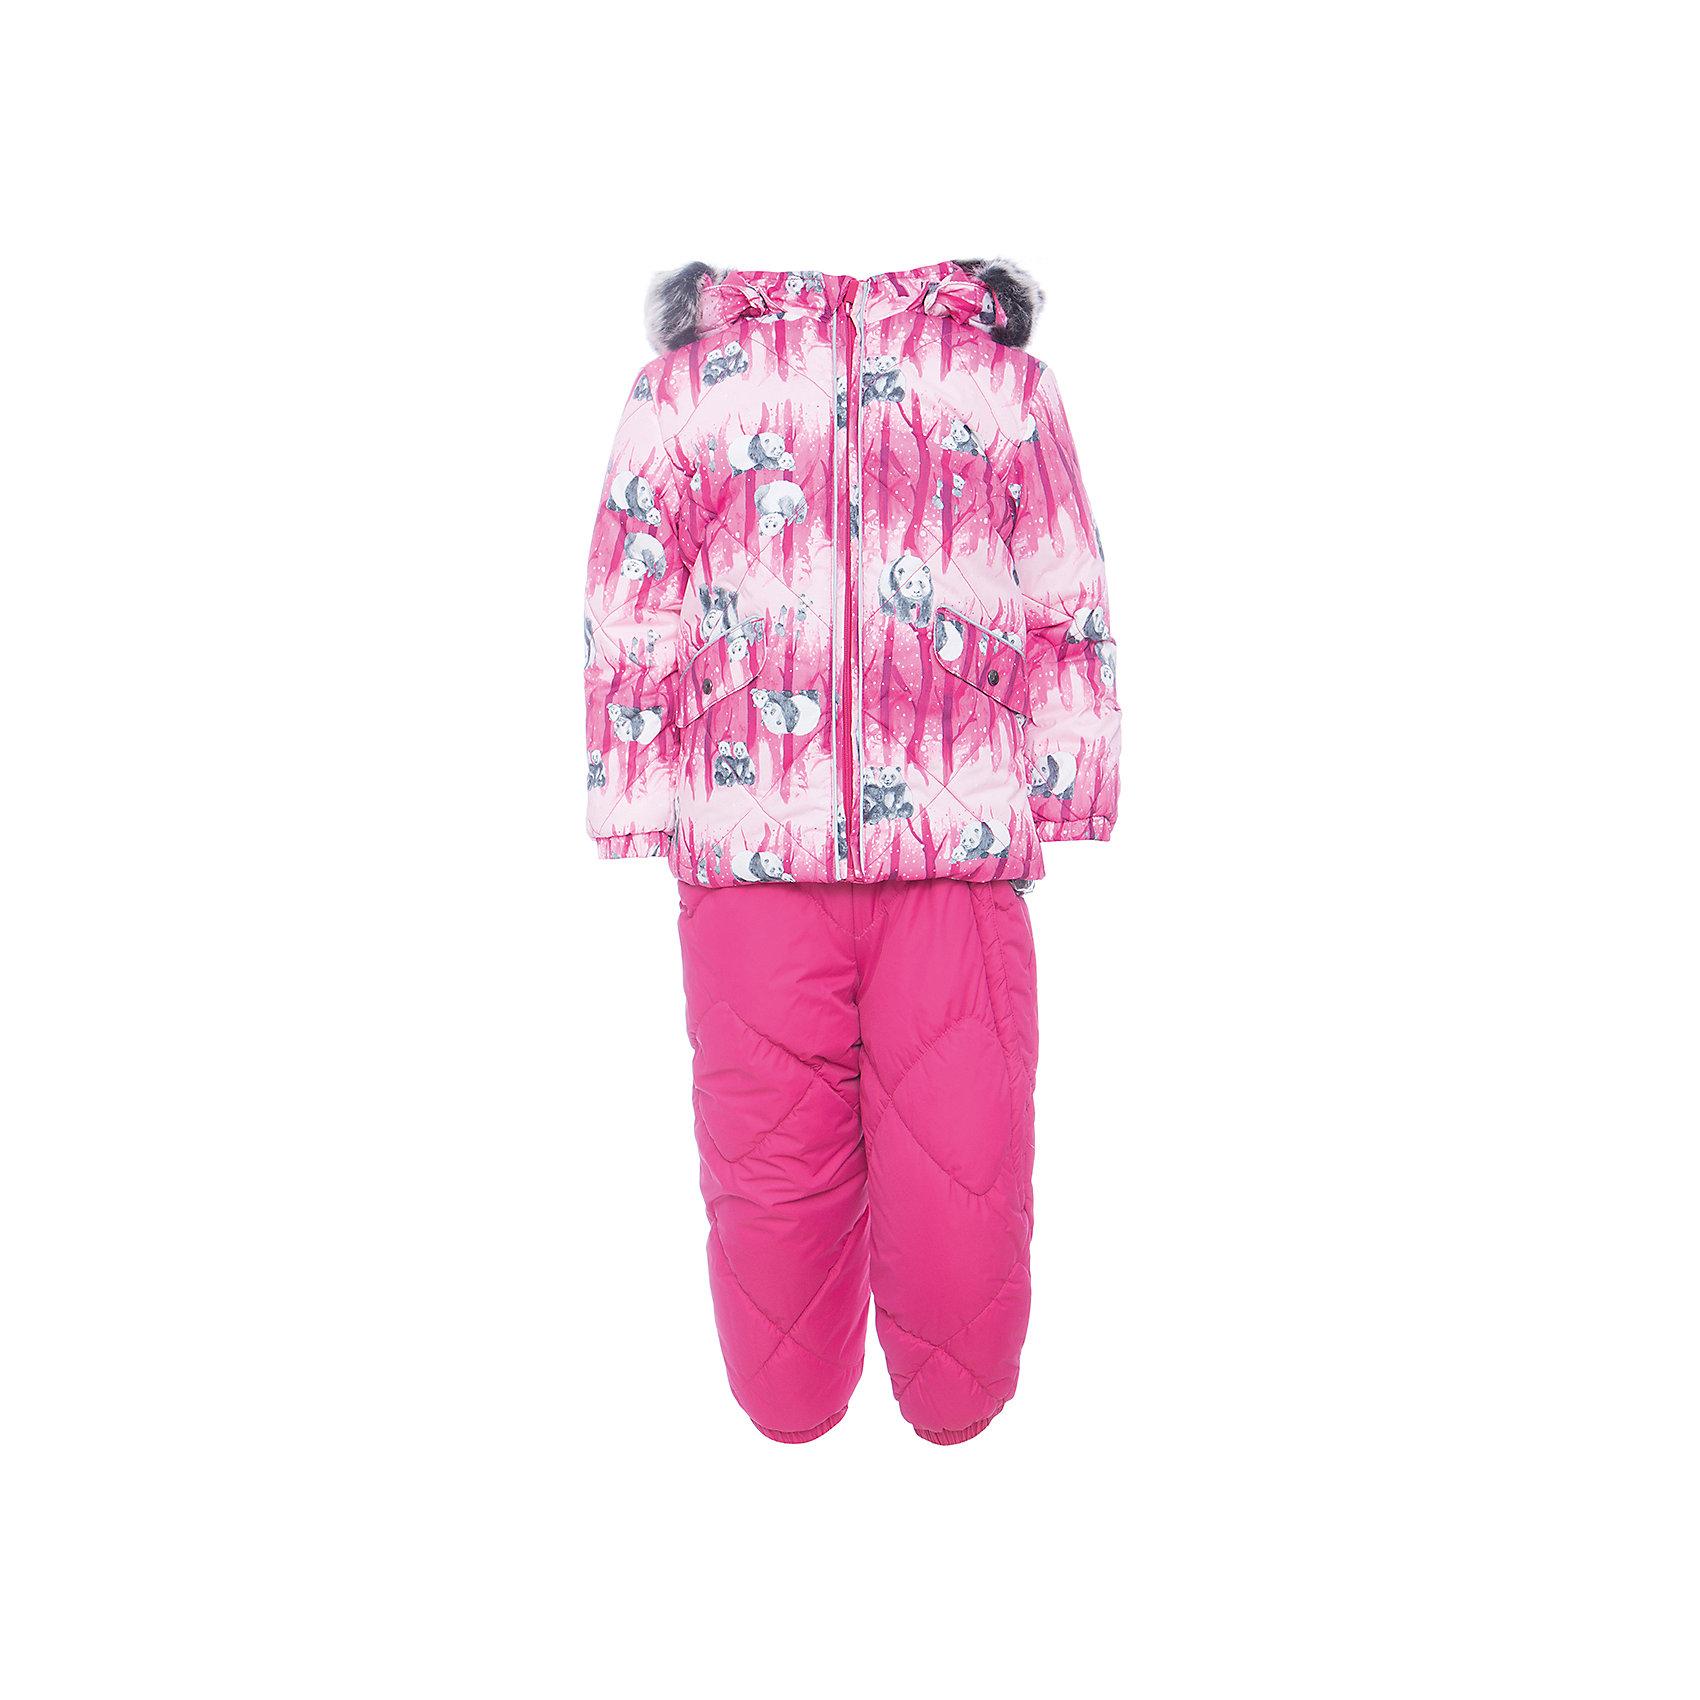 Комплект: куртка и брюки NOELLE 1 HuppaВерхняя одежда<br>Комплект для малышей  NOELLE 1.Водо и водухонепроницаемость 5 000. Утеплитель: 300 гр куртка / 160 гр. Брюки.Подкладка фланель - 100% хлопок,тафта 100% полиэстер.Капюшон с отстегивающимся мехом.Манжеты рукавов на резинке .Манжеты брюк на резинке.На брюках присутствуют резиновые подтяжки.Имеются петли для ступней. На изделии присутствуют светоотражательные детали.<br>Состав:<br>100% Полиэстер<br><br>Ширина мм: 356<br>Глубина мм: 10<br>Высота мм: 245<br>Вес г: 519<br>Цвет: фуксия<br>Возраст от месяцев: 36<br>Возраст до месяцев: 48<br>Пол: Унисекс<br>Возраст: Детский<br>Размер: 104,80,86,92,98<br>SKU: 7024690